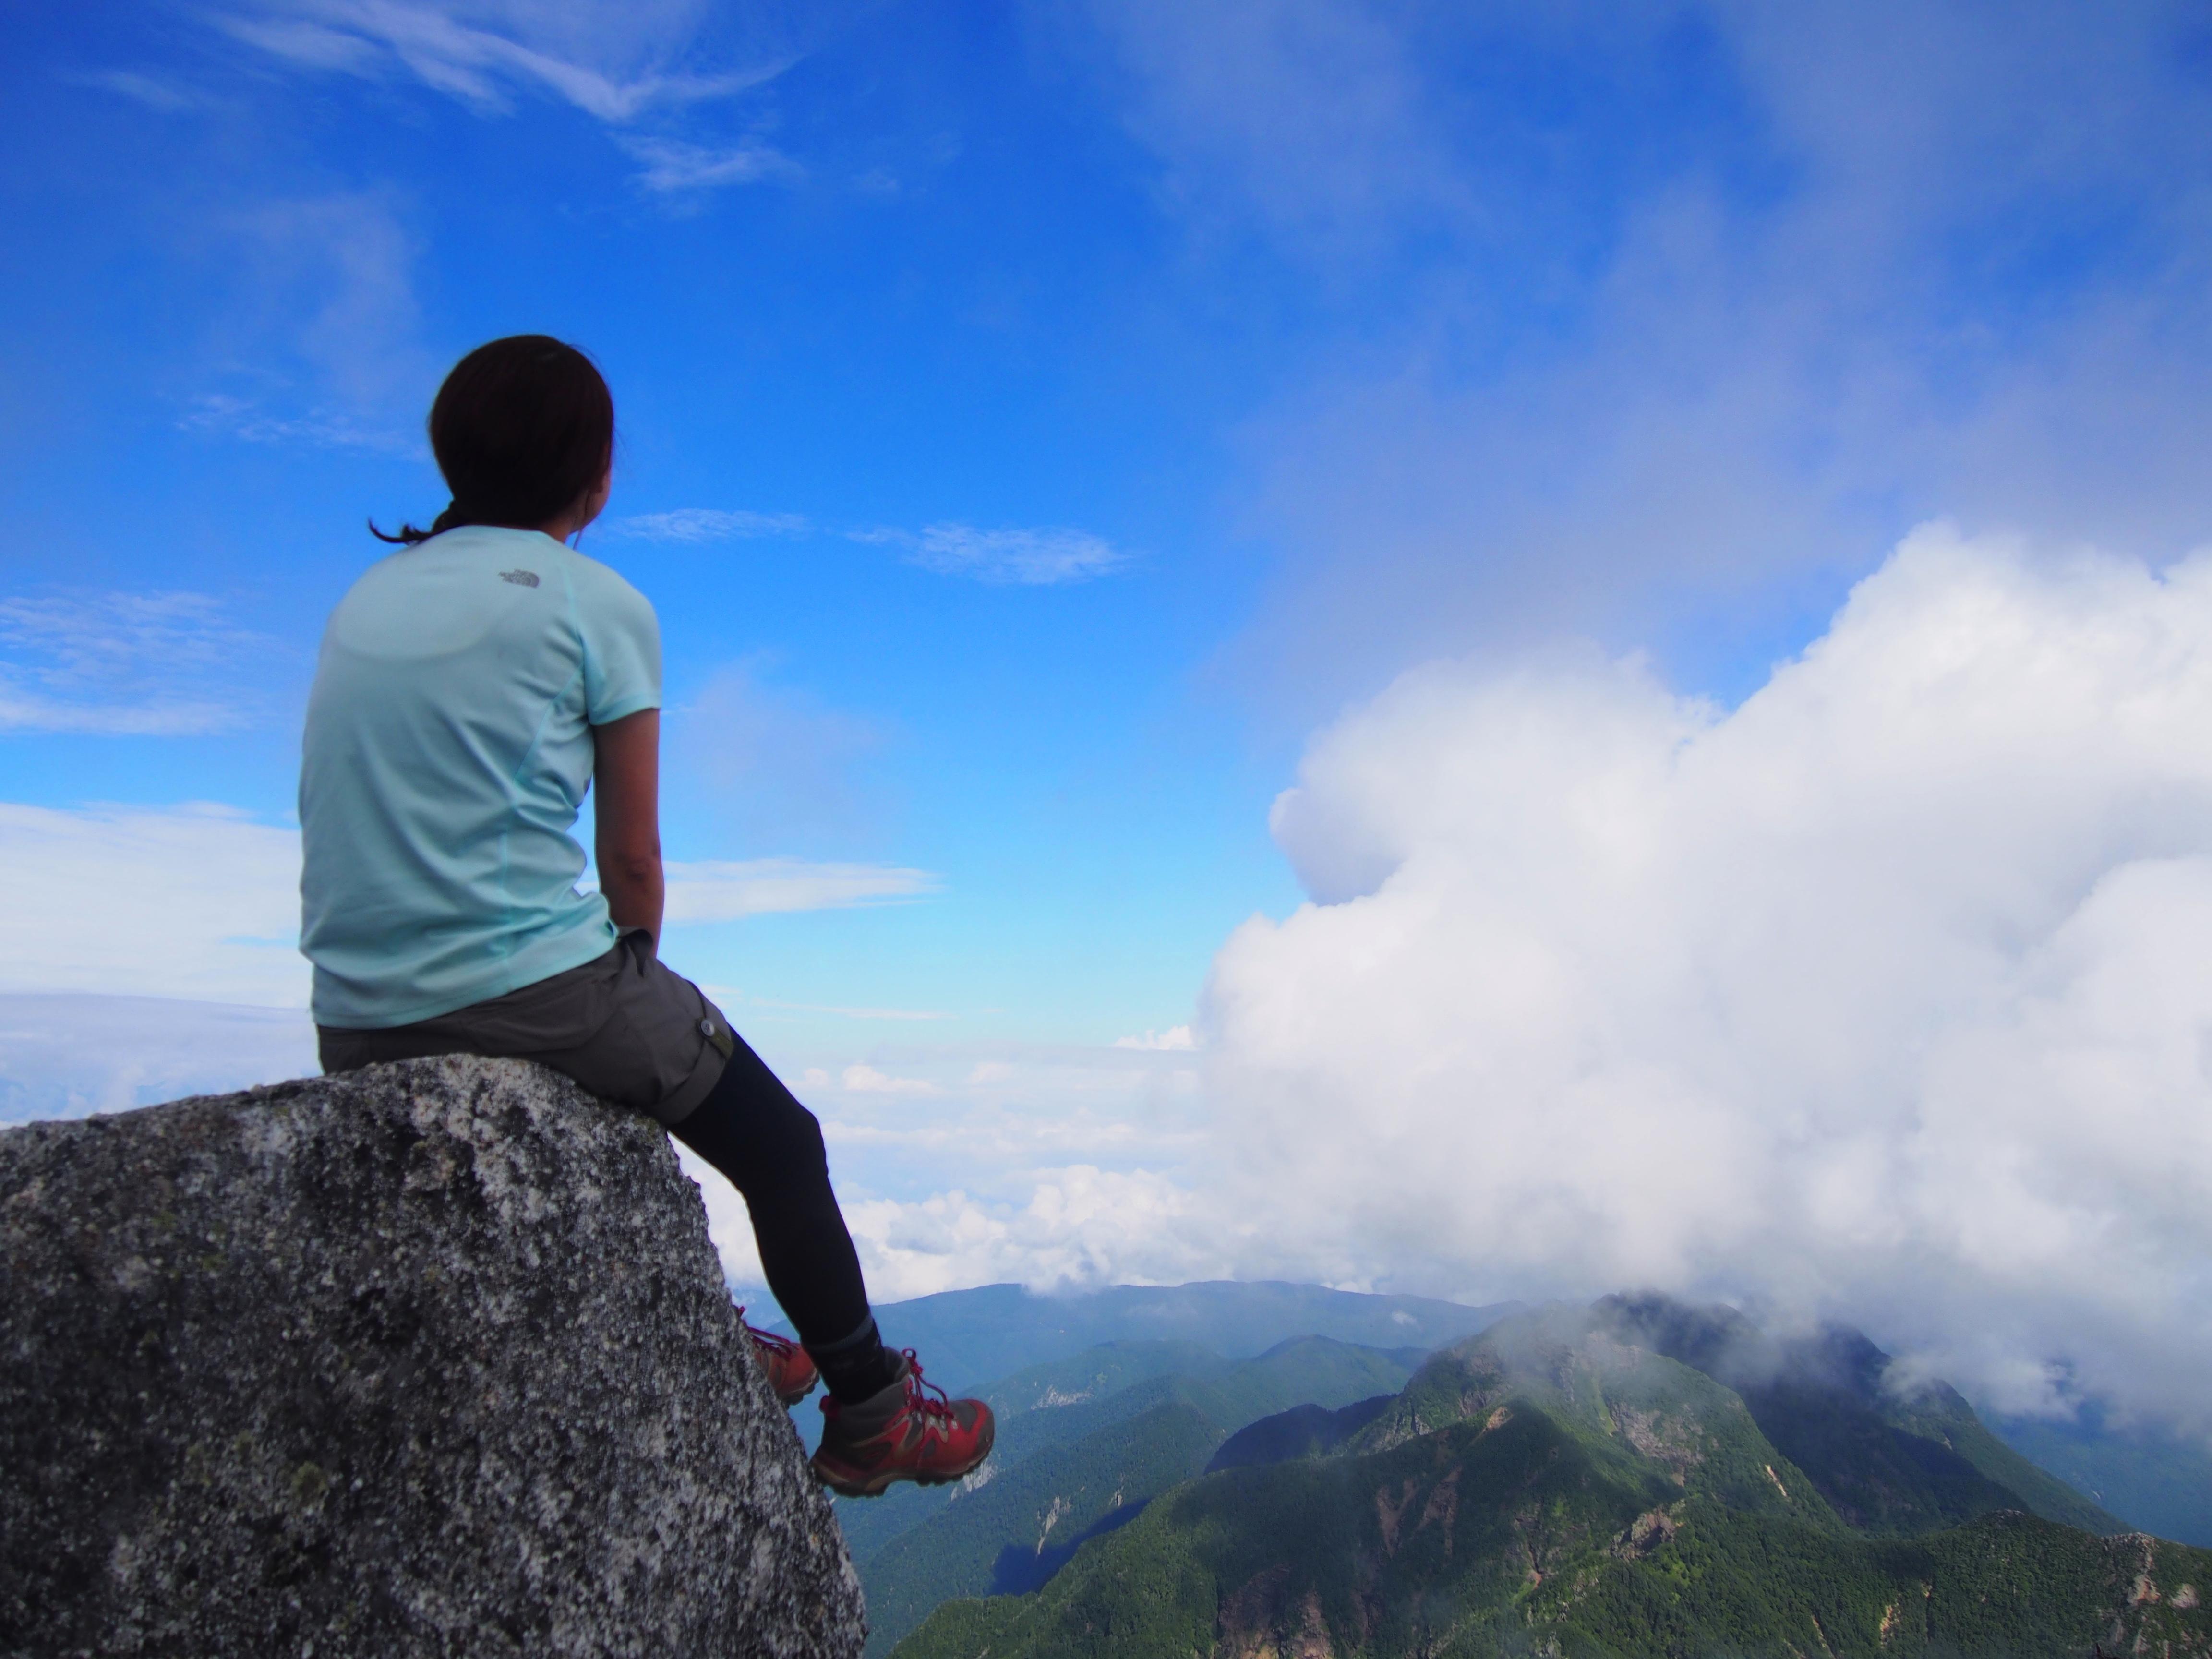 【山の日】南アルプス 仙丈ヶ岳・甲斐駒ヶ岳④ ‐甲斐駒ヶ岳登山編‐